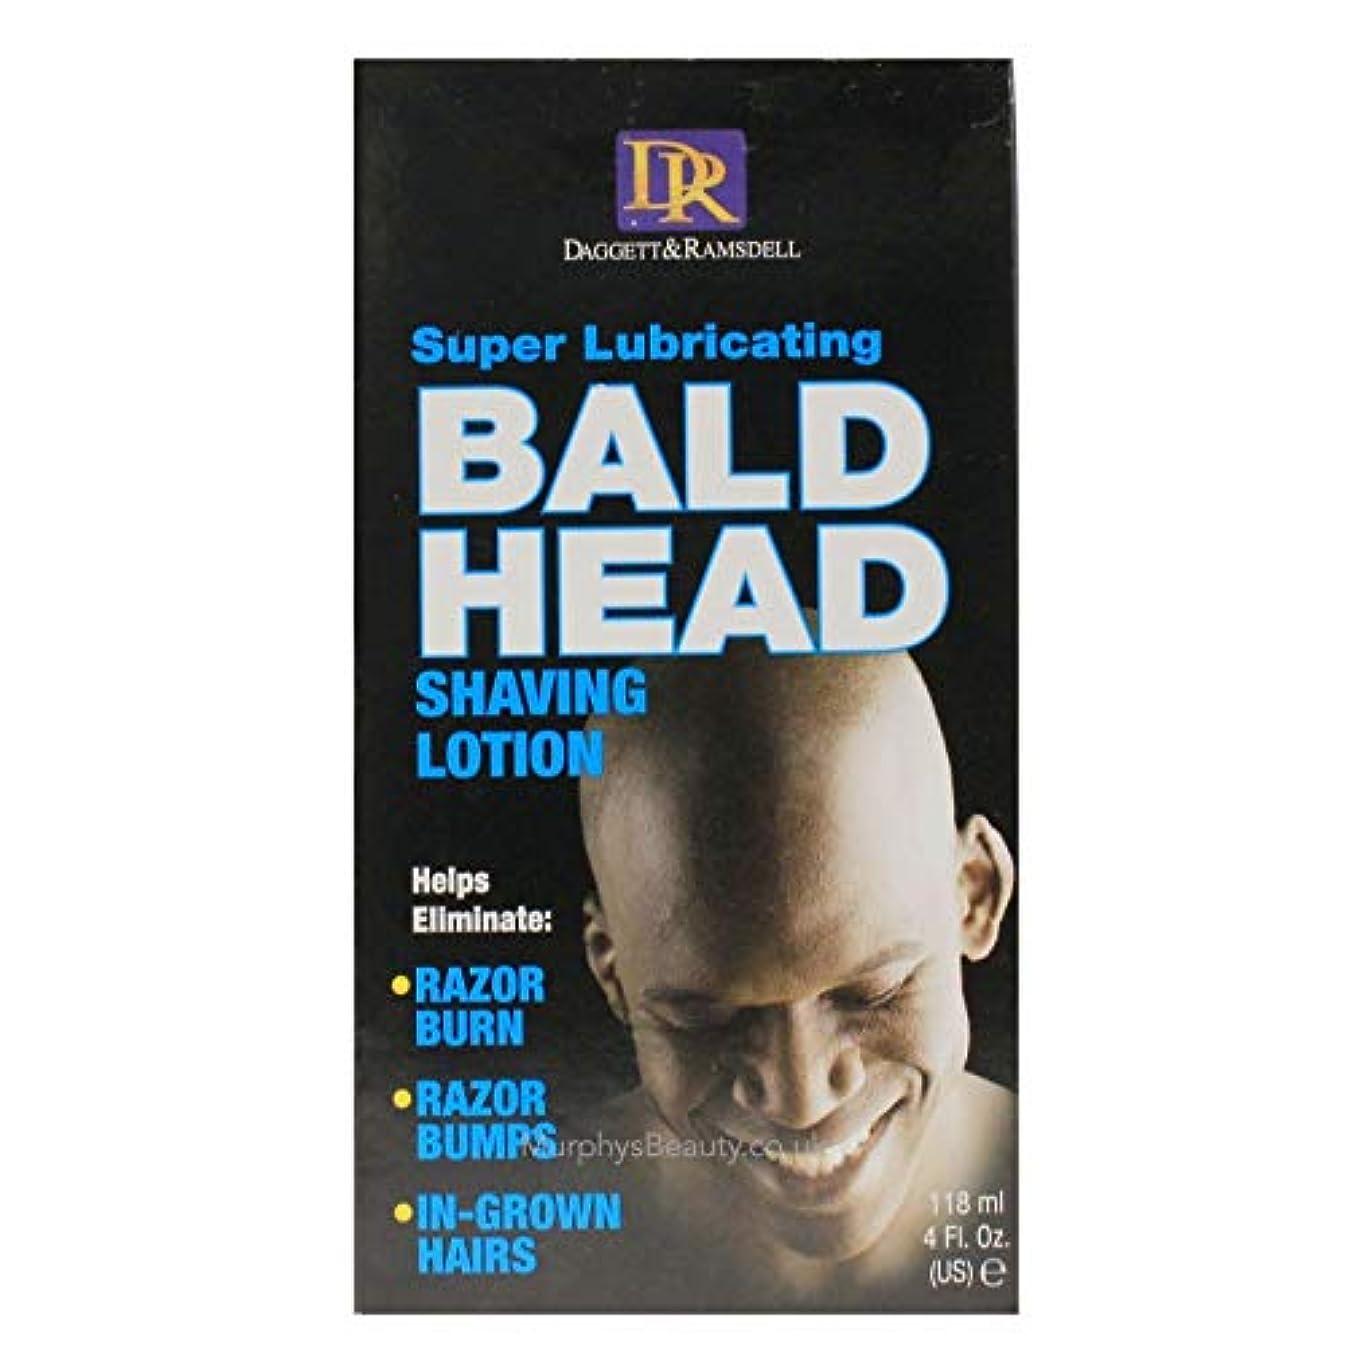 支配的陸軍そよ風Daggett & Ramsdell Super Lubricating Bald Head Shaving Lotion Hair Removal Products (並行輸入品)